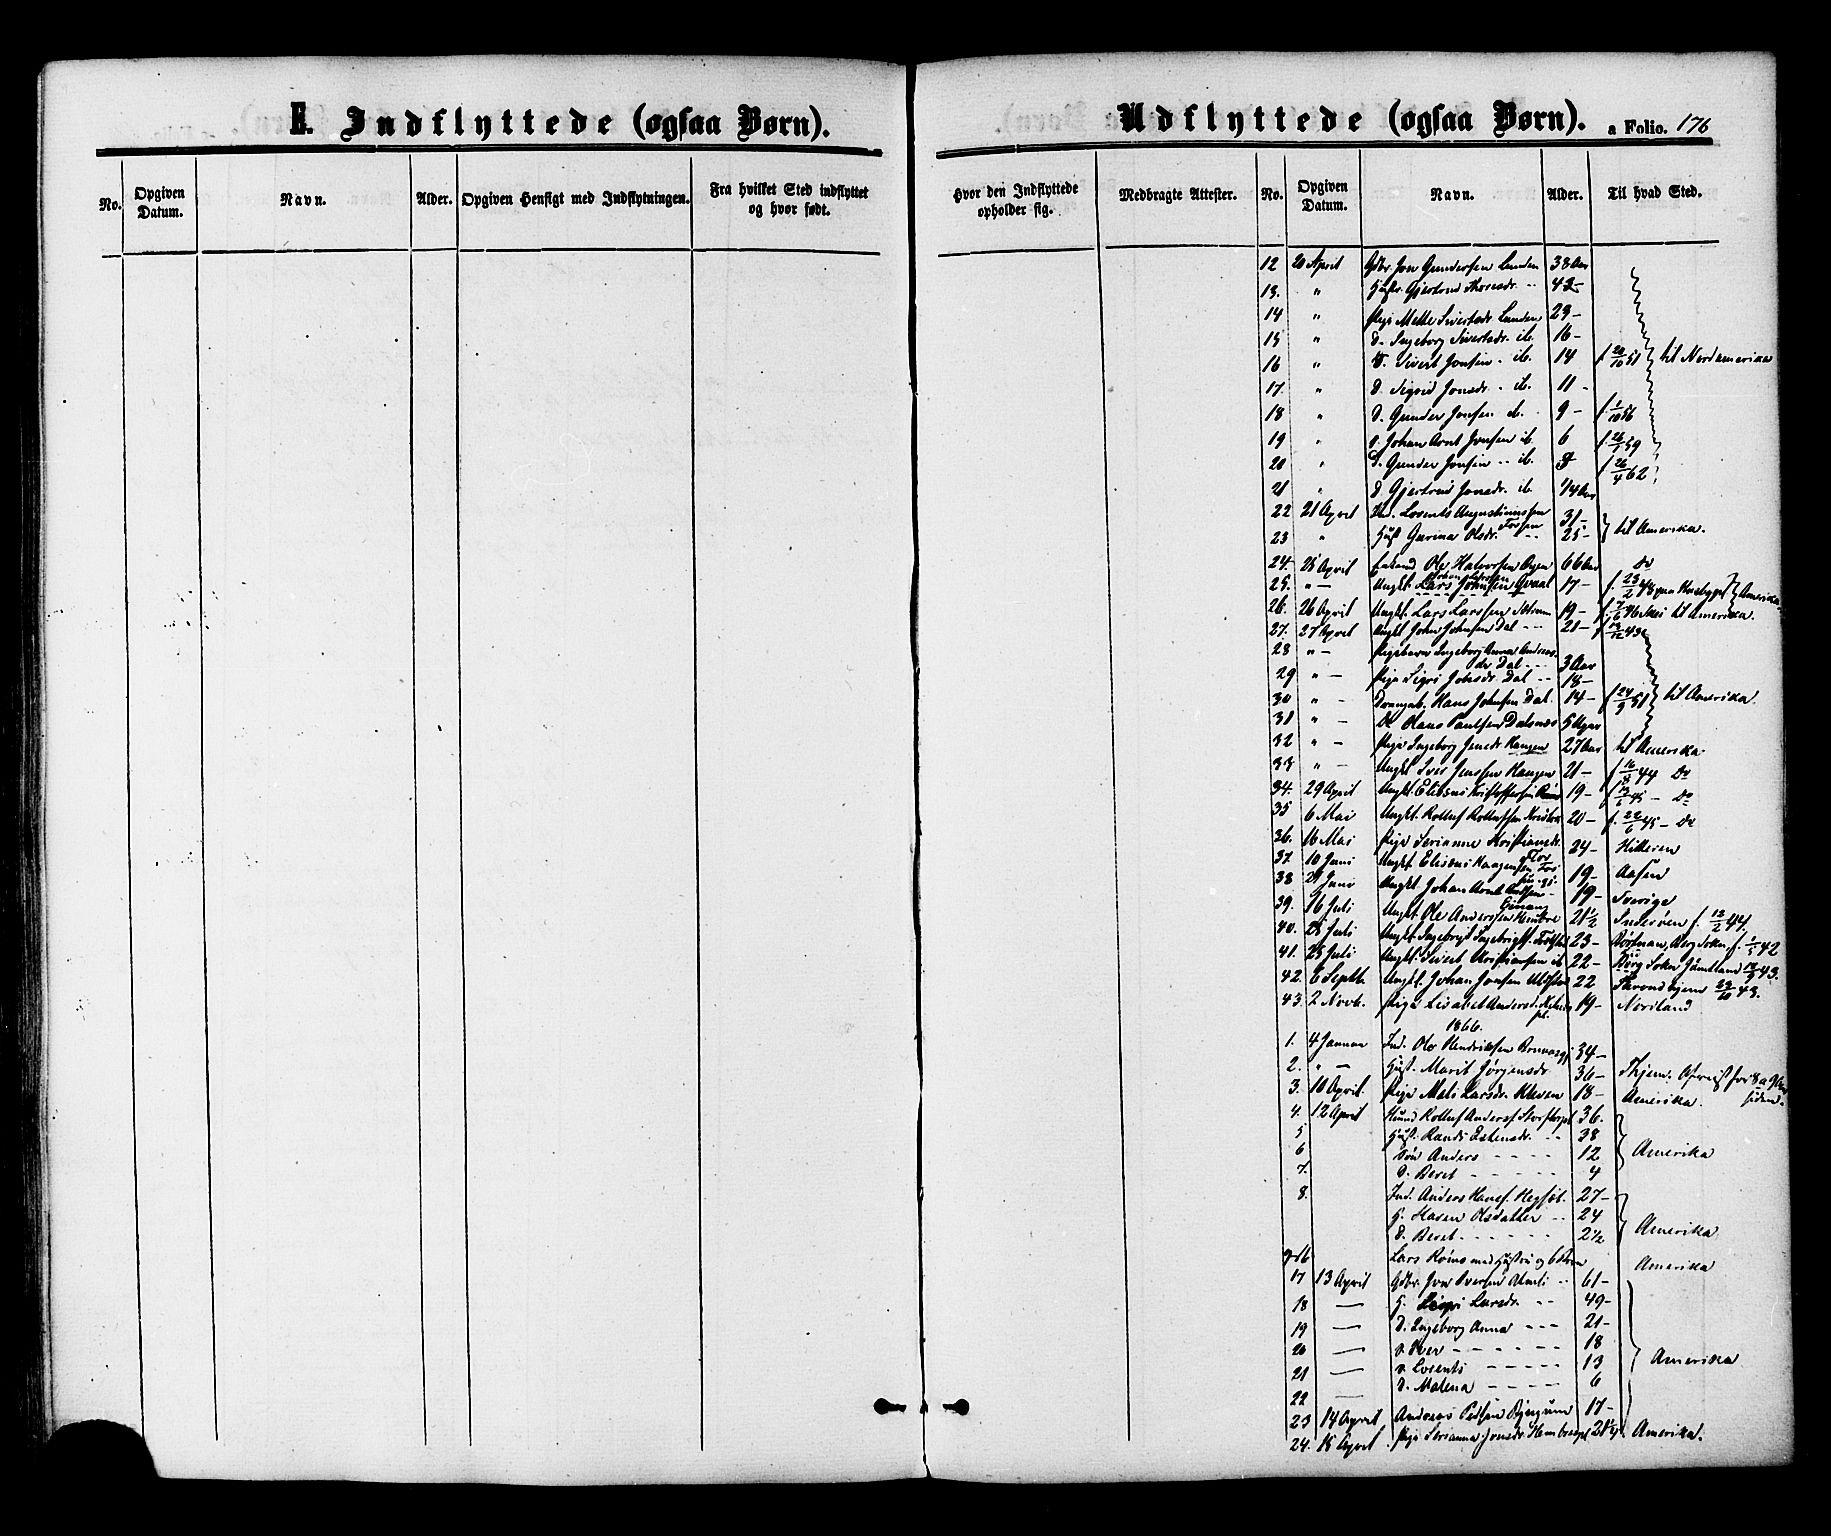 SAT, Ministerialprotokoller, klokkerbøker og fødselsregistre - Nord-Trøndelag, 703/L0029: Parish register (official) no. 703A02, 1863-1879, p. 176